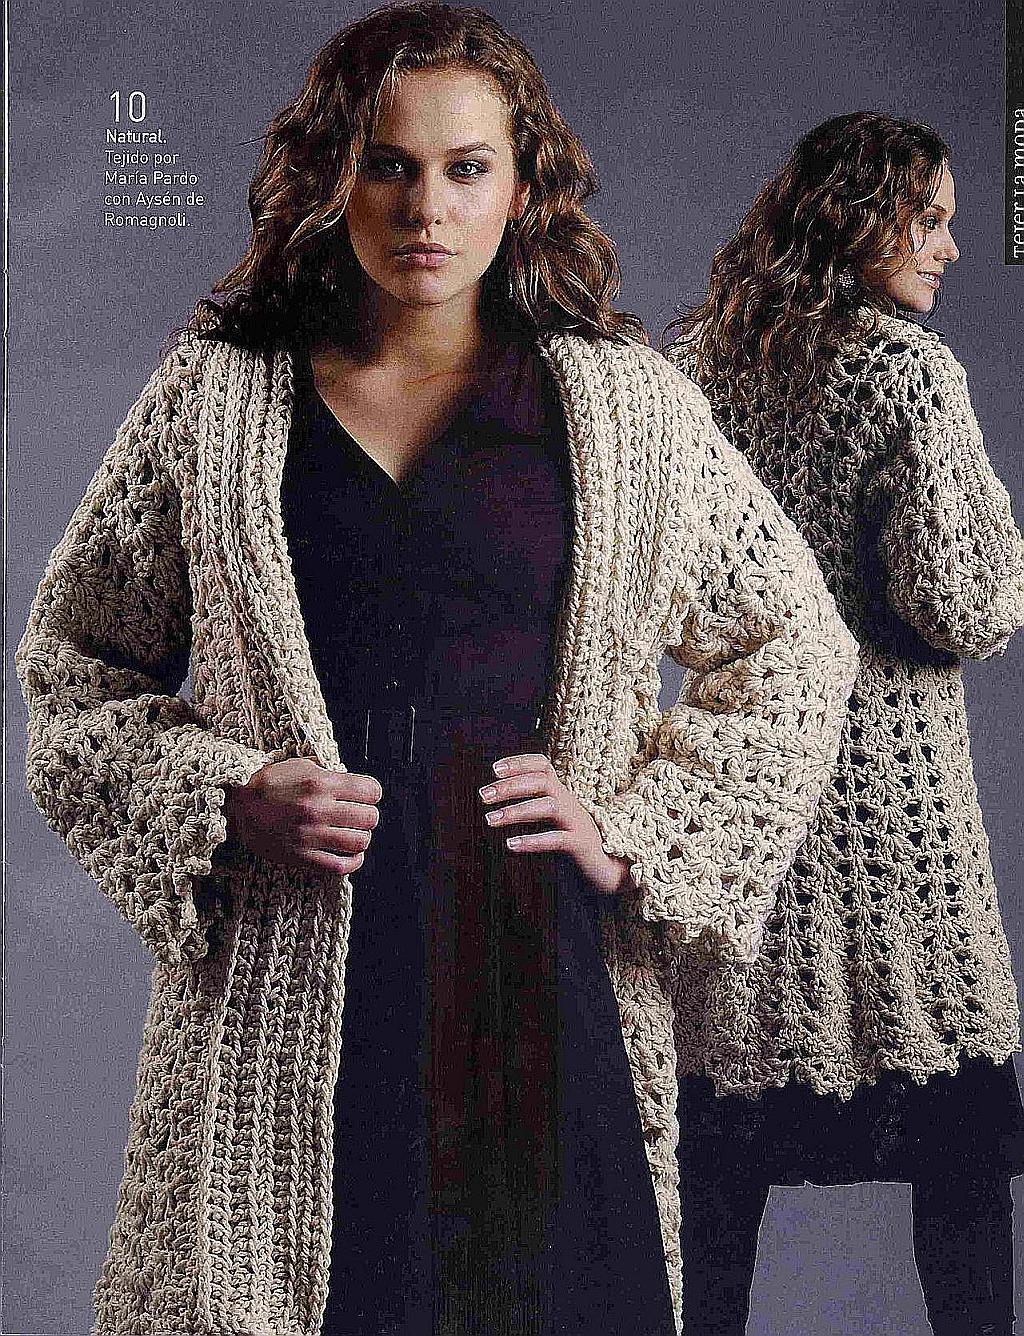 Outro casaco lindo, fácil de fazer e quentinho.